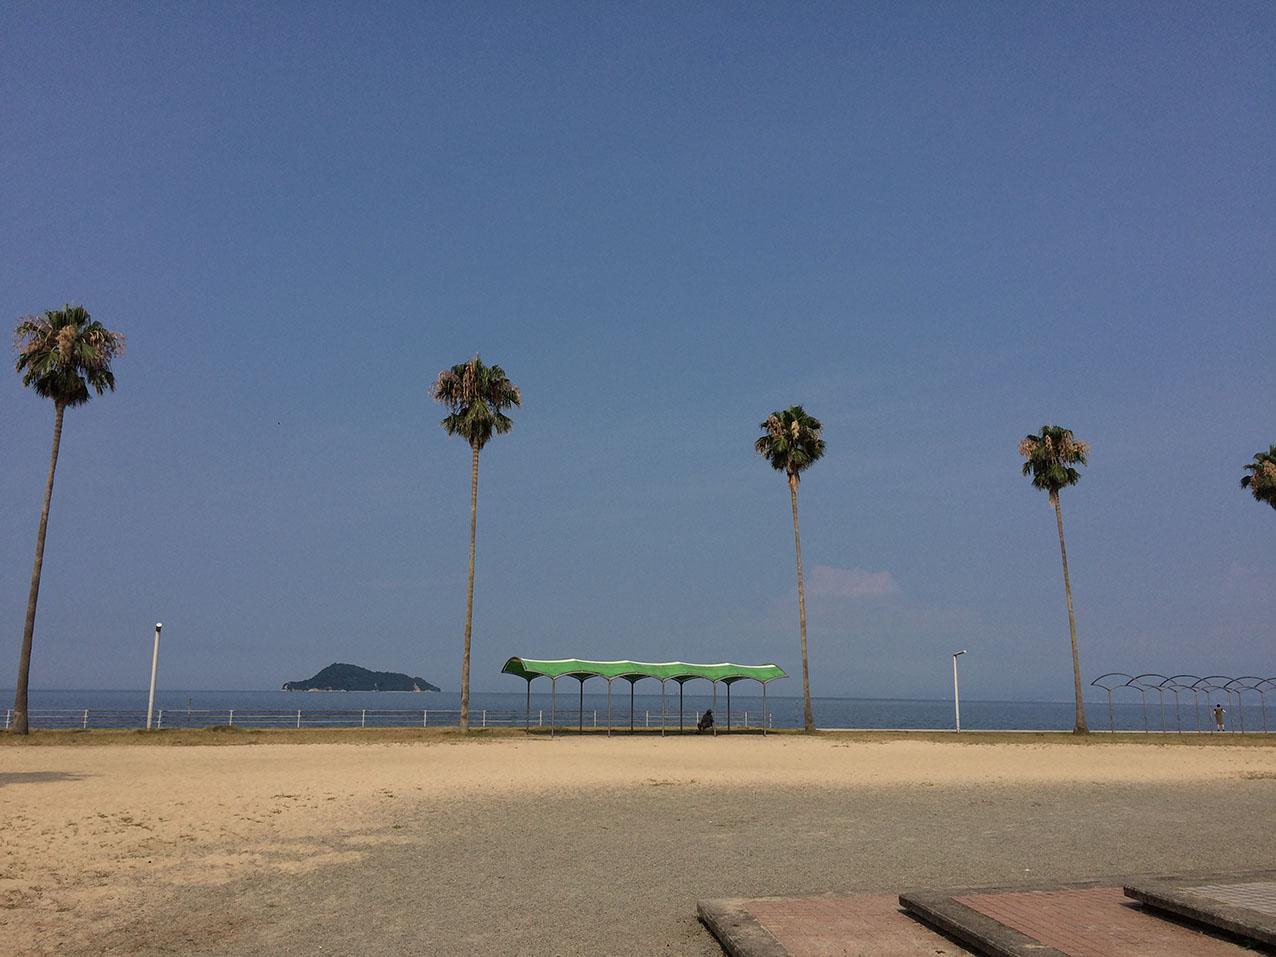 みとん今治,桜井海浜ふれあい広場,桜井,公園